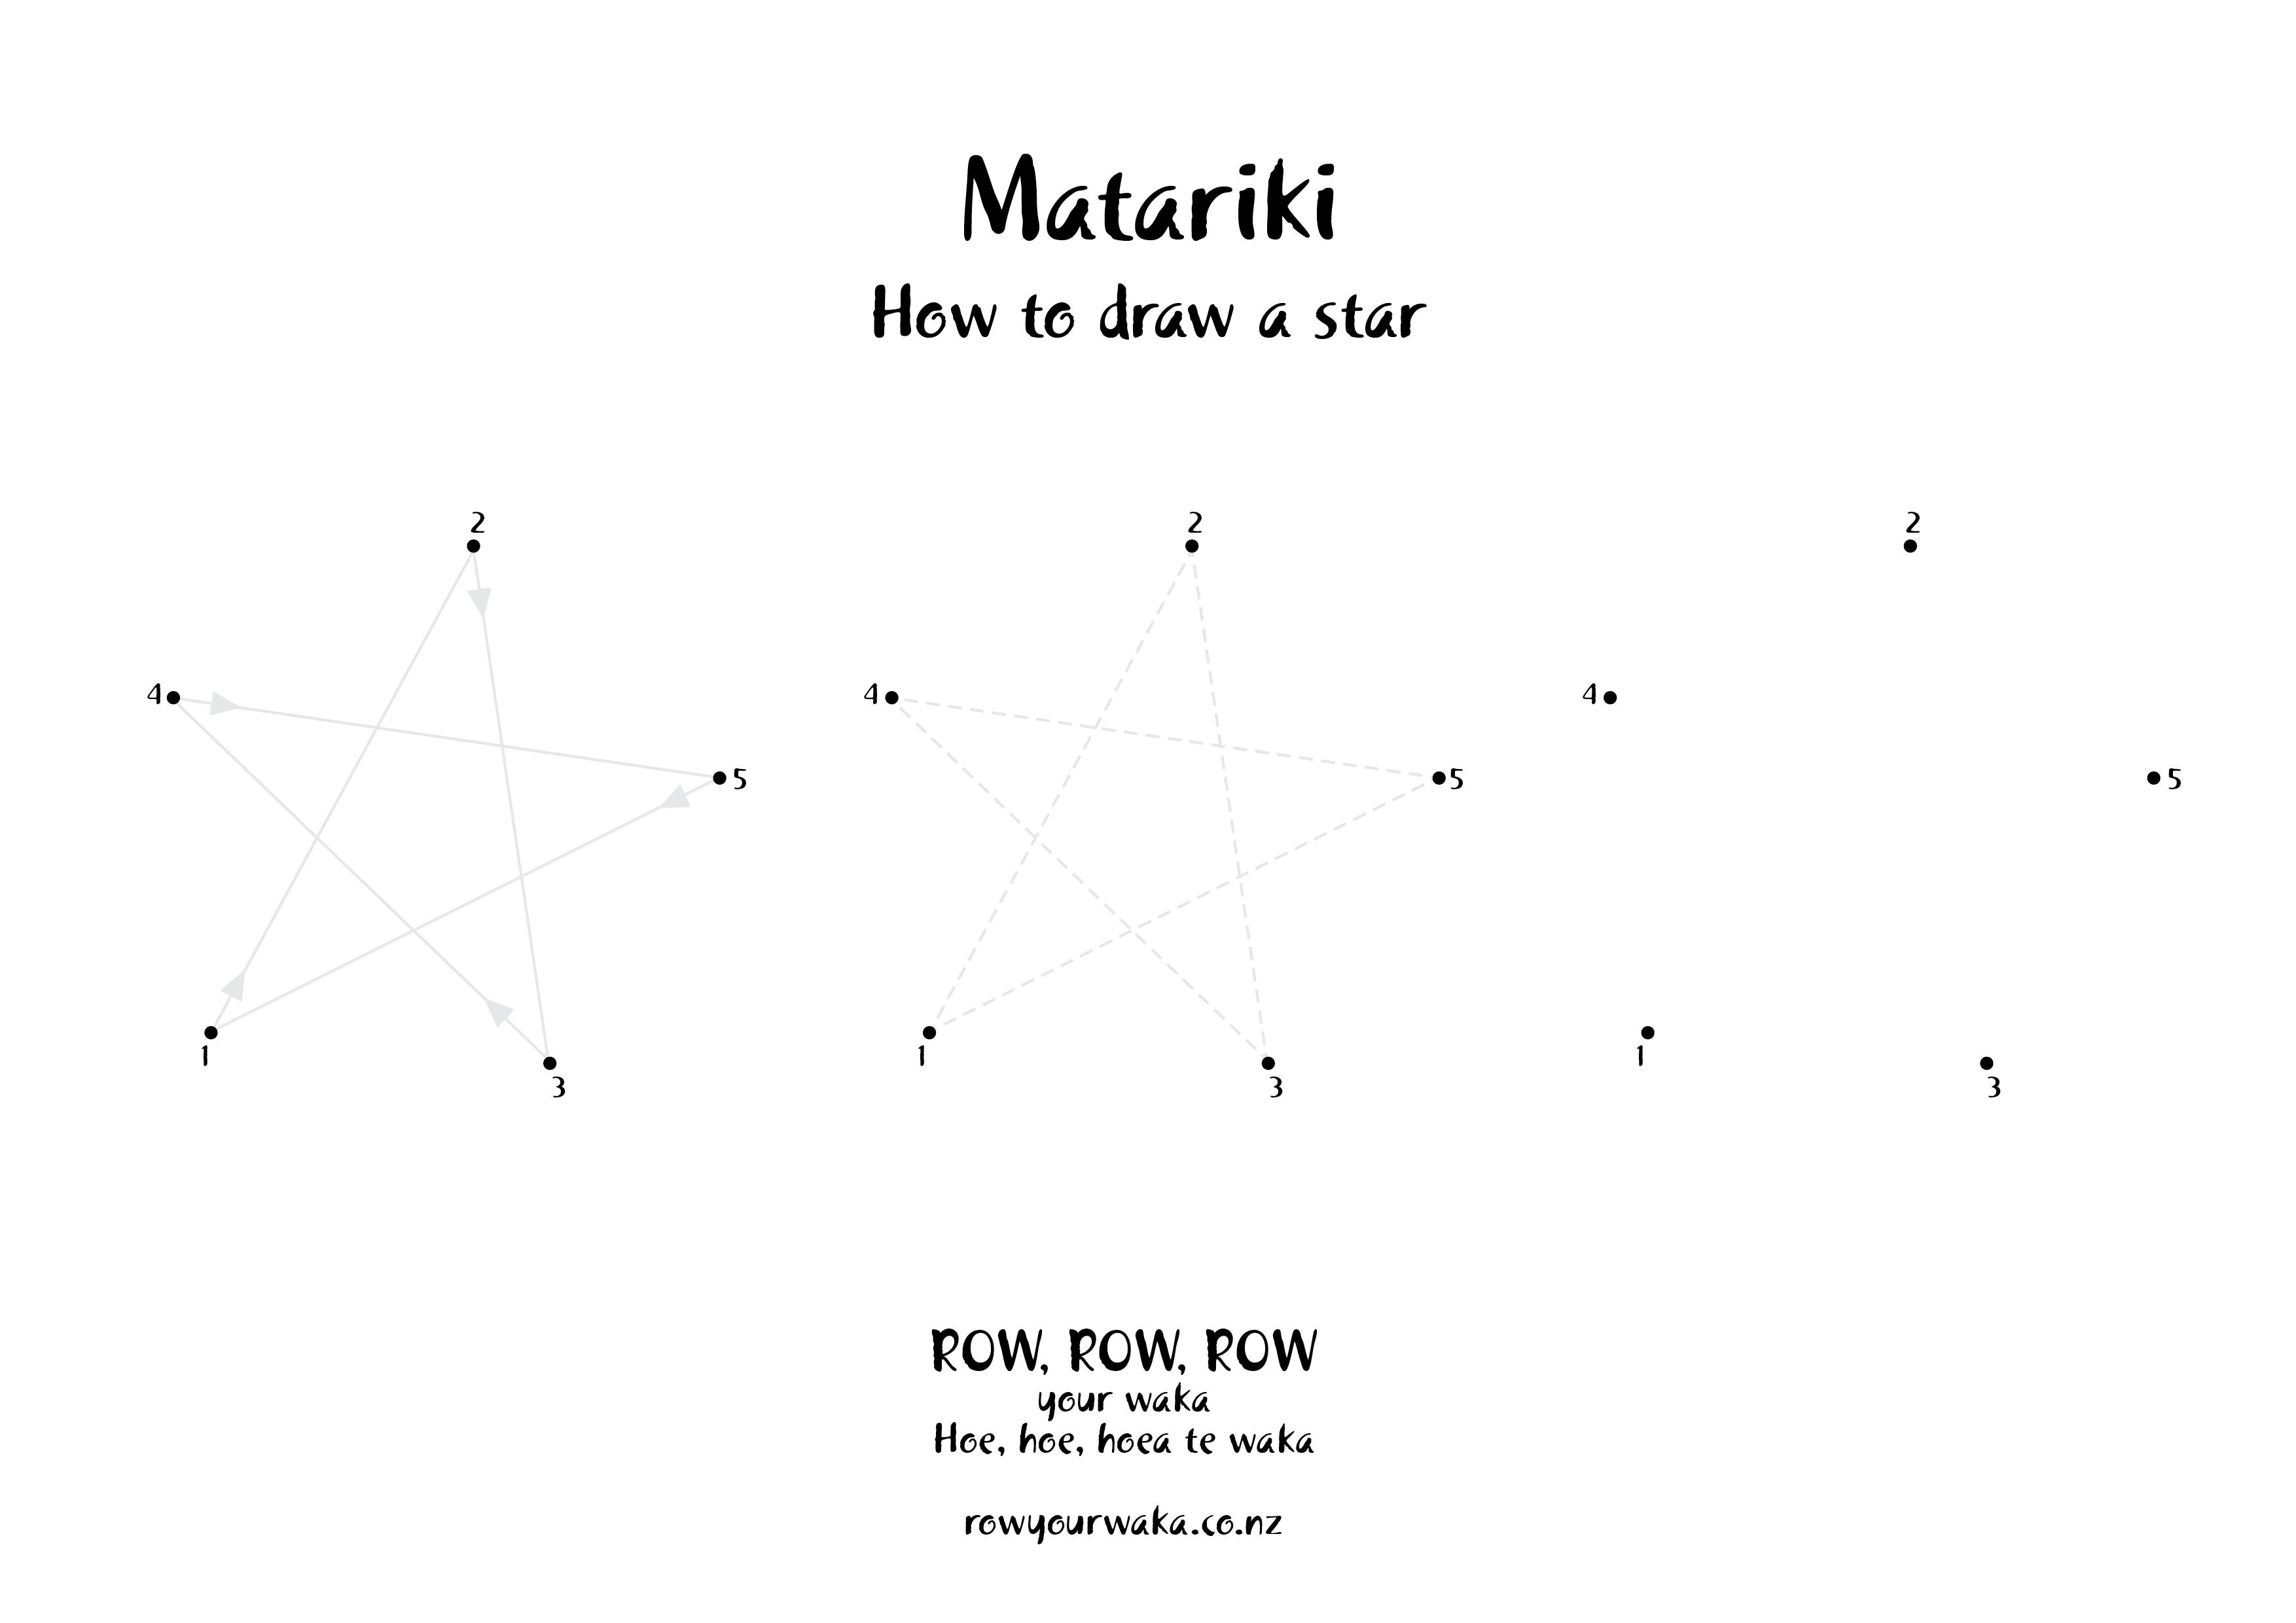 Matariki draw a star